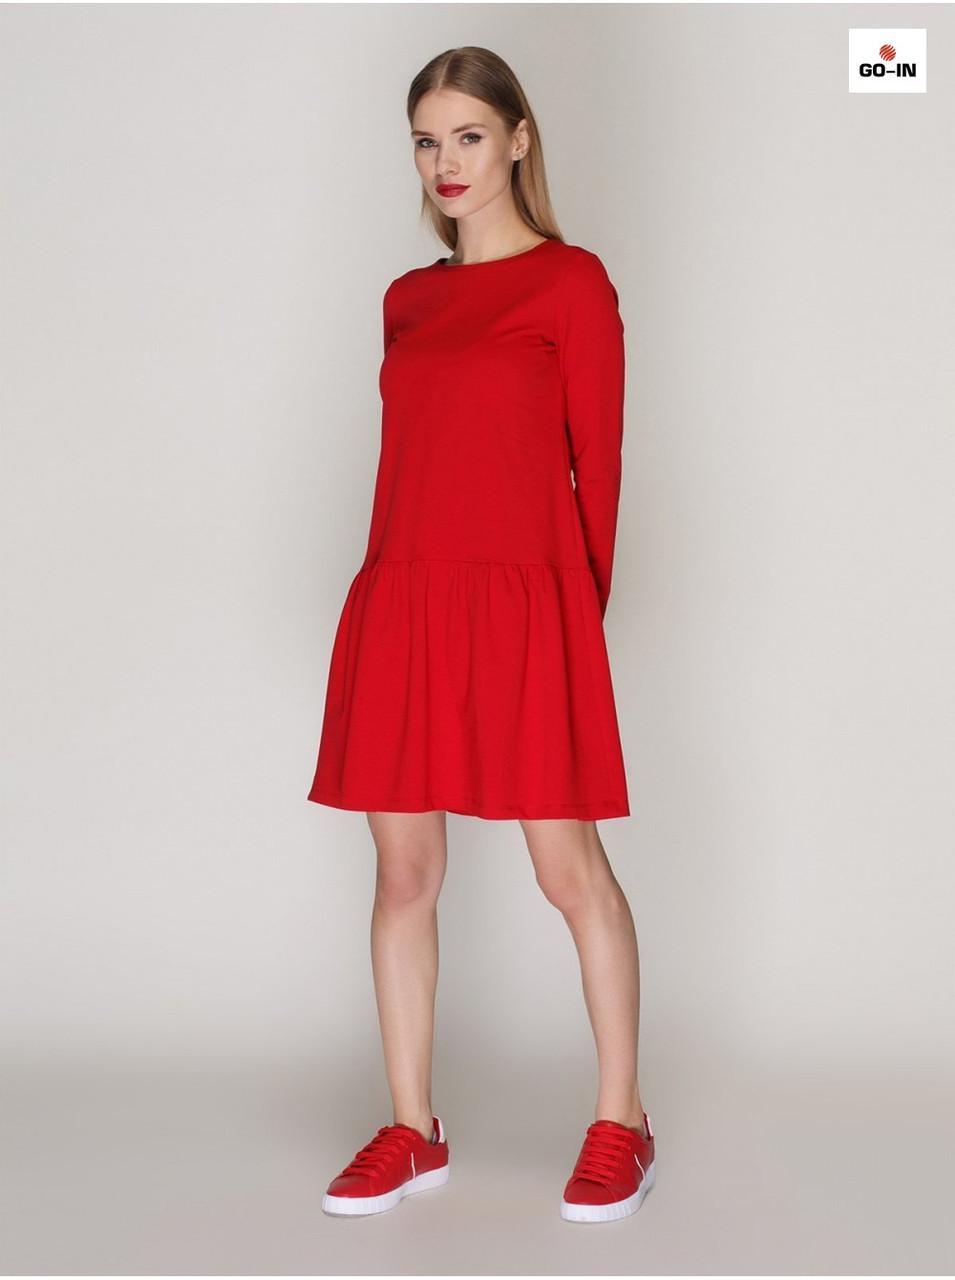 857438653ce Женское красное платье расклешенного силуэта летнее - Интернет-магазин